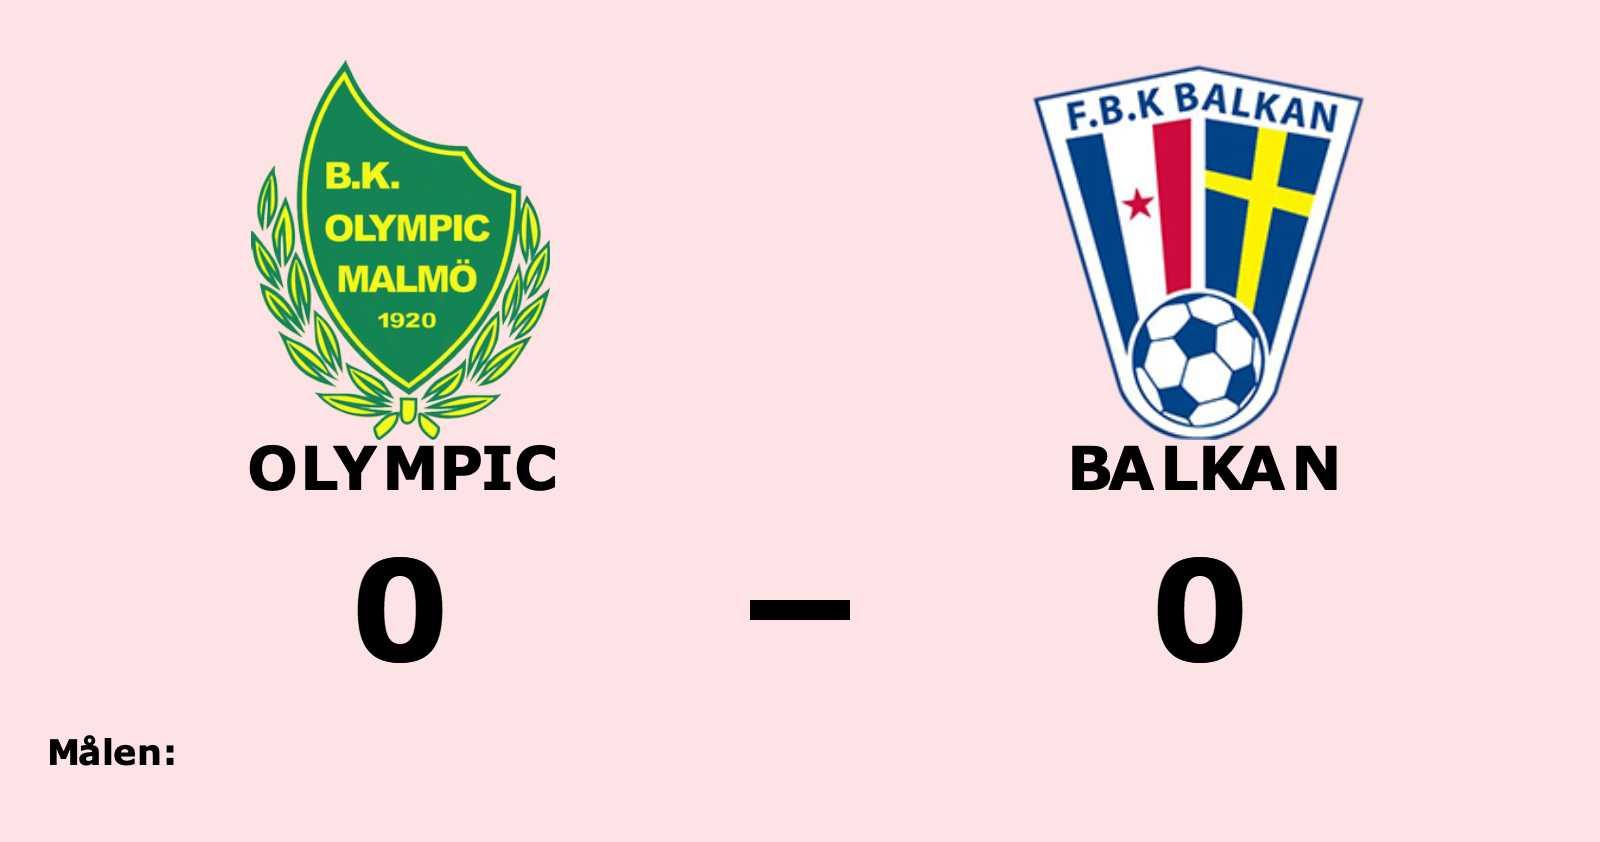 Olympic och Balkan kryssade